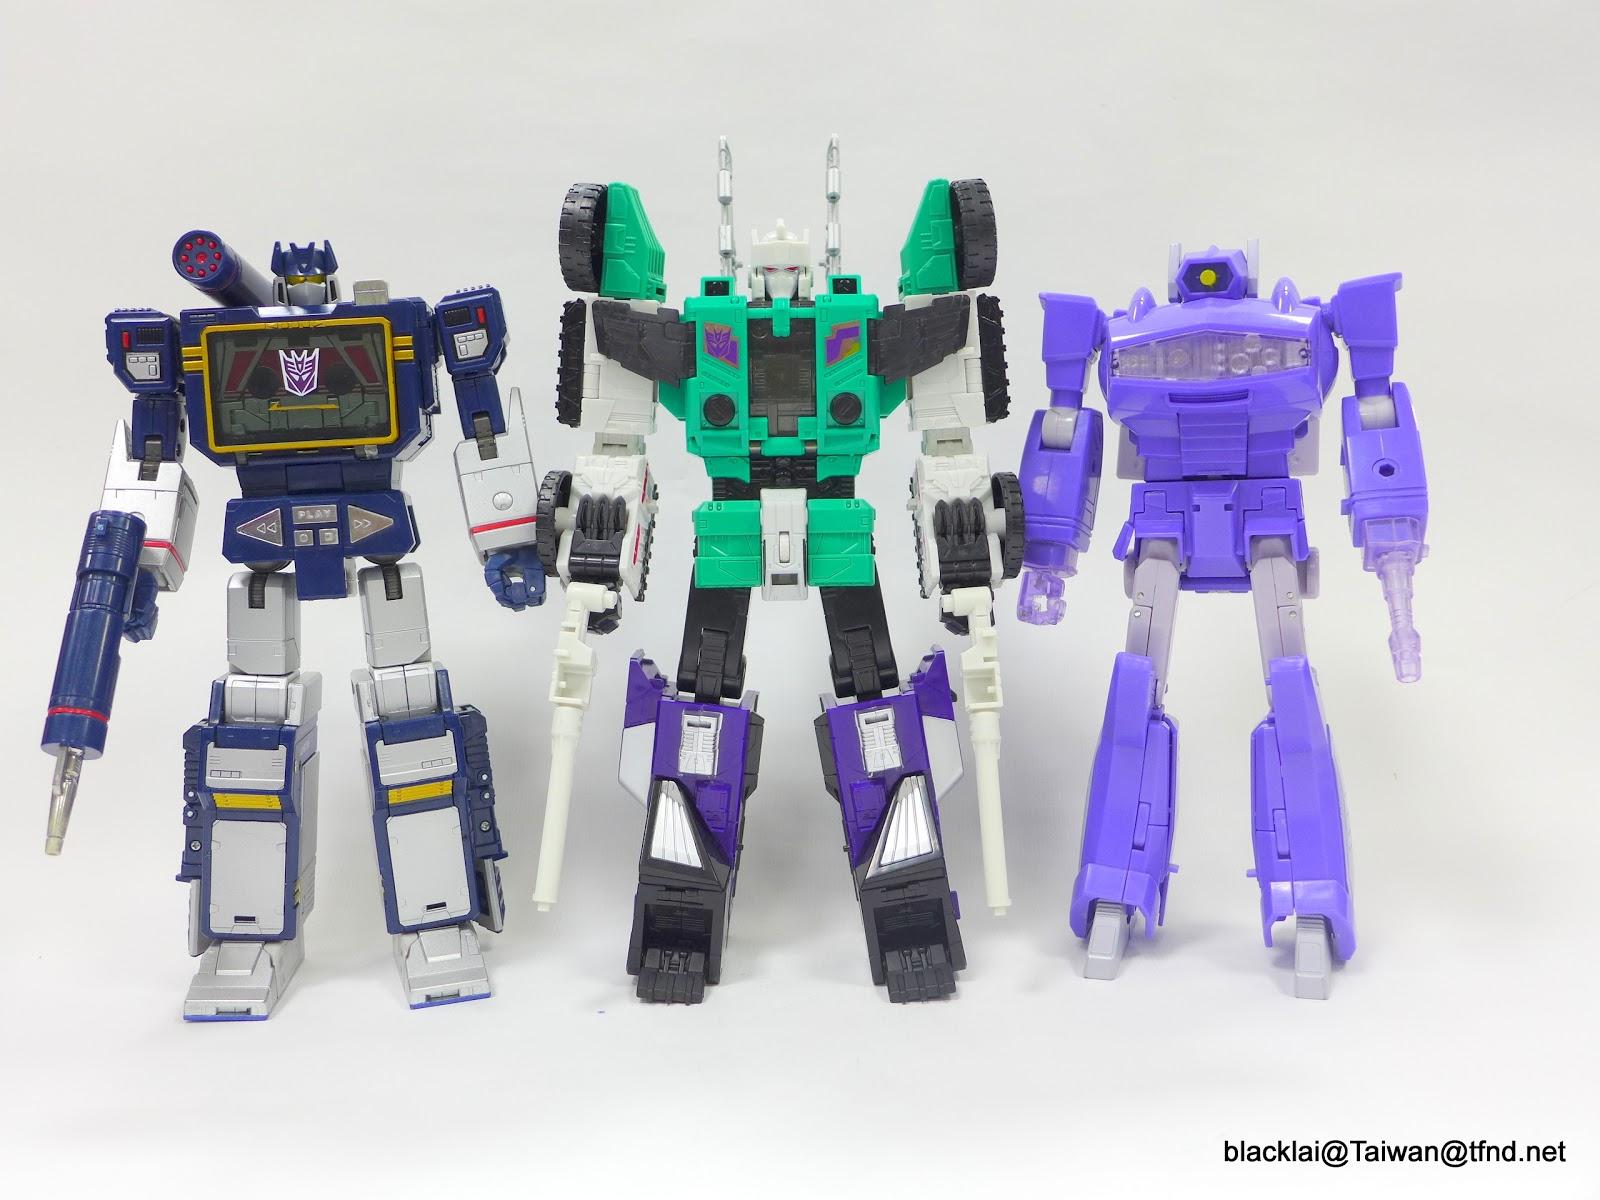 Jouets Transformers Generations: Nouveautés Hasbro - Page 40 P1510034